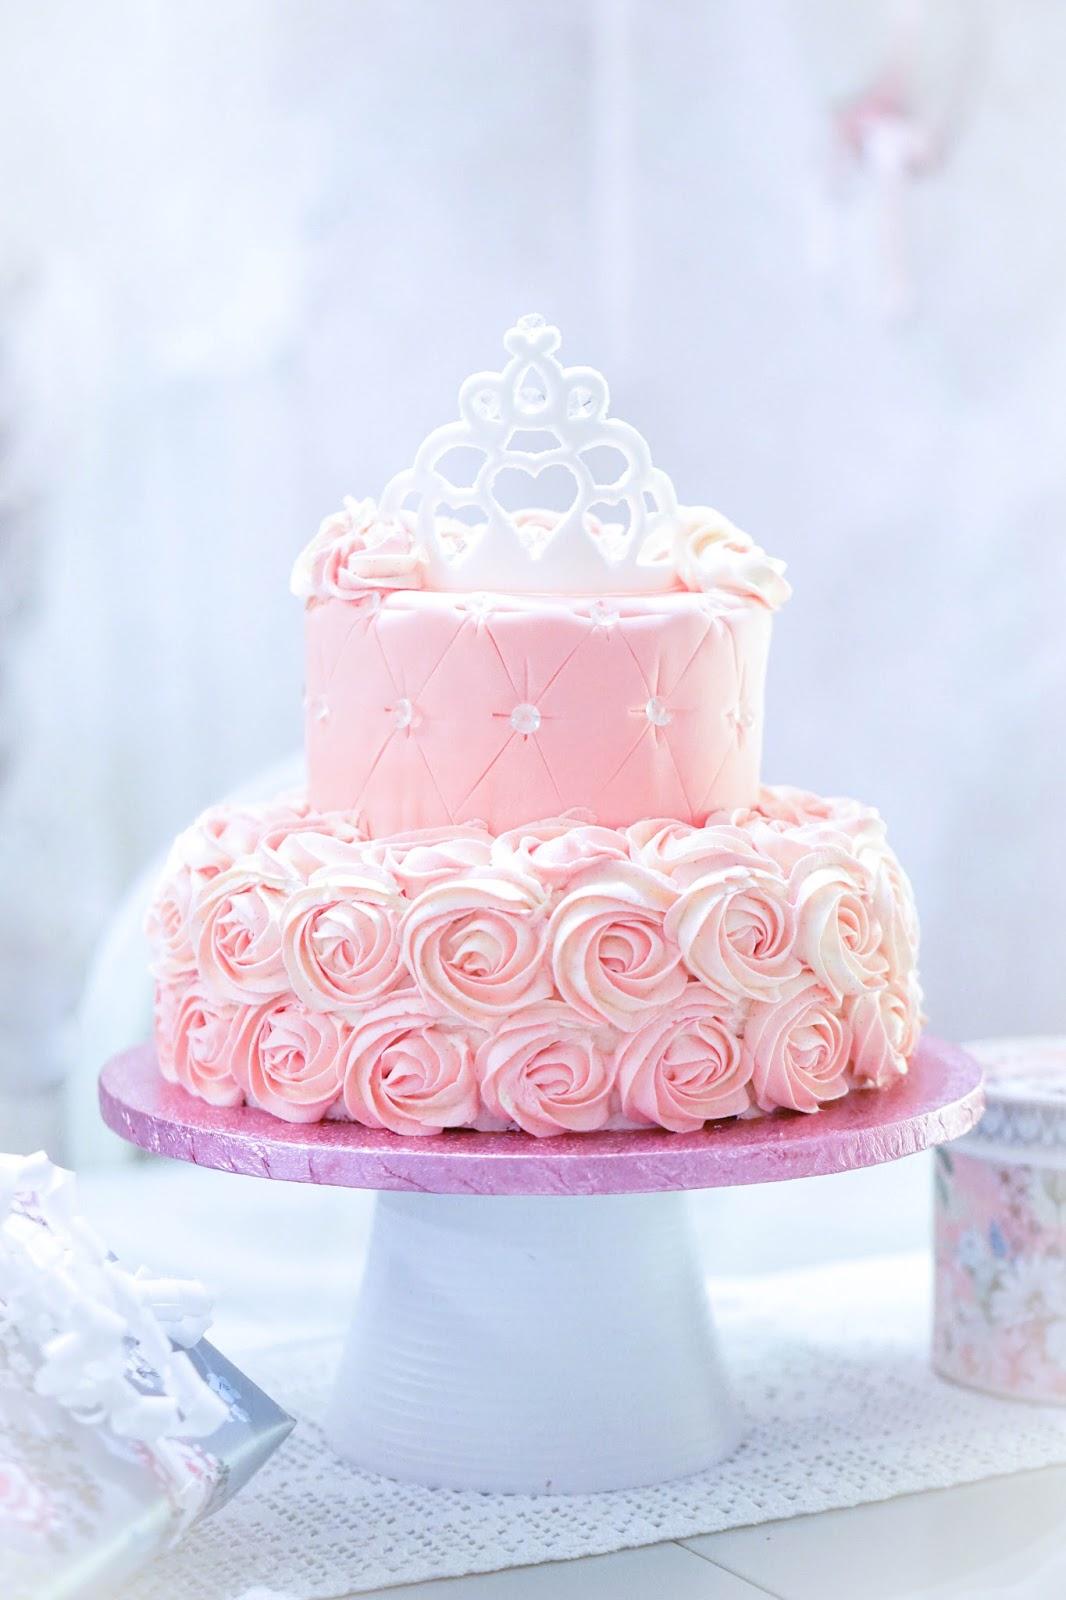 Eves fika Miriams Princess Cake Miriams prinsesstrta